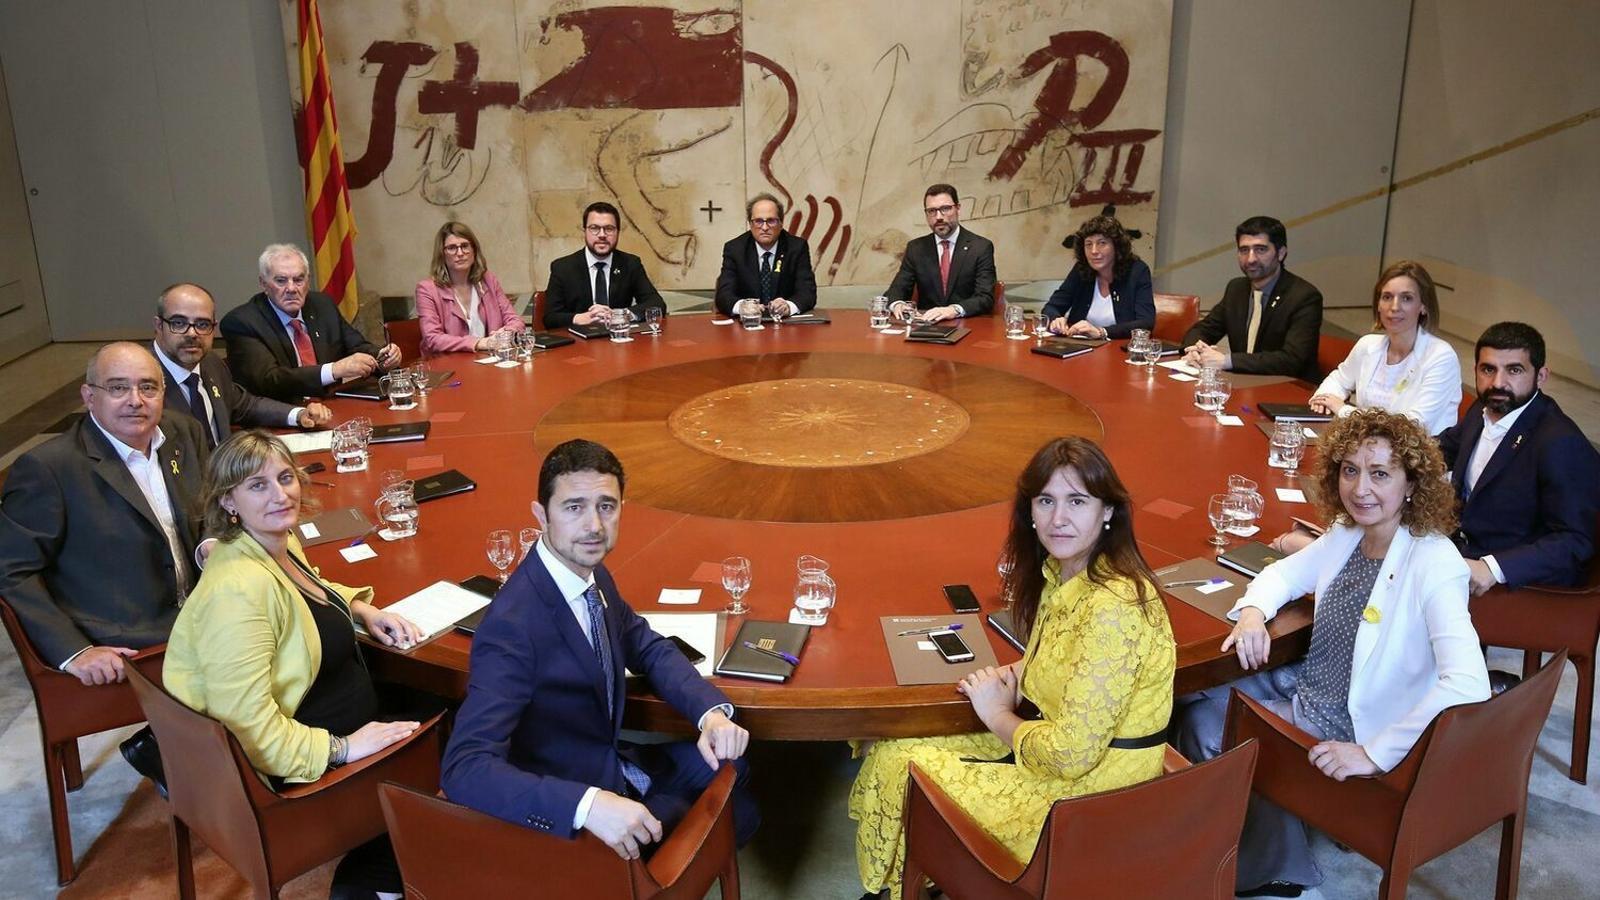 Més del 60% dels catalans creu que el Govern no sap com resoldre els problemes del país